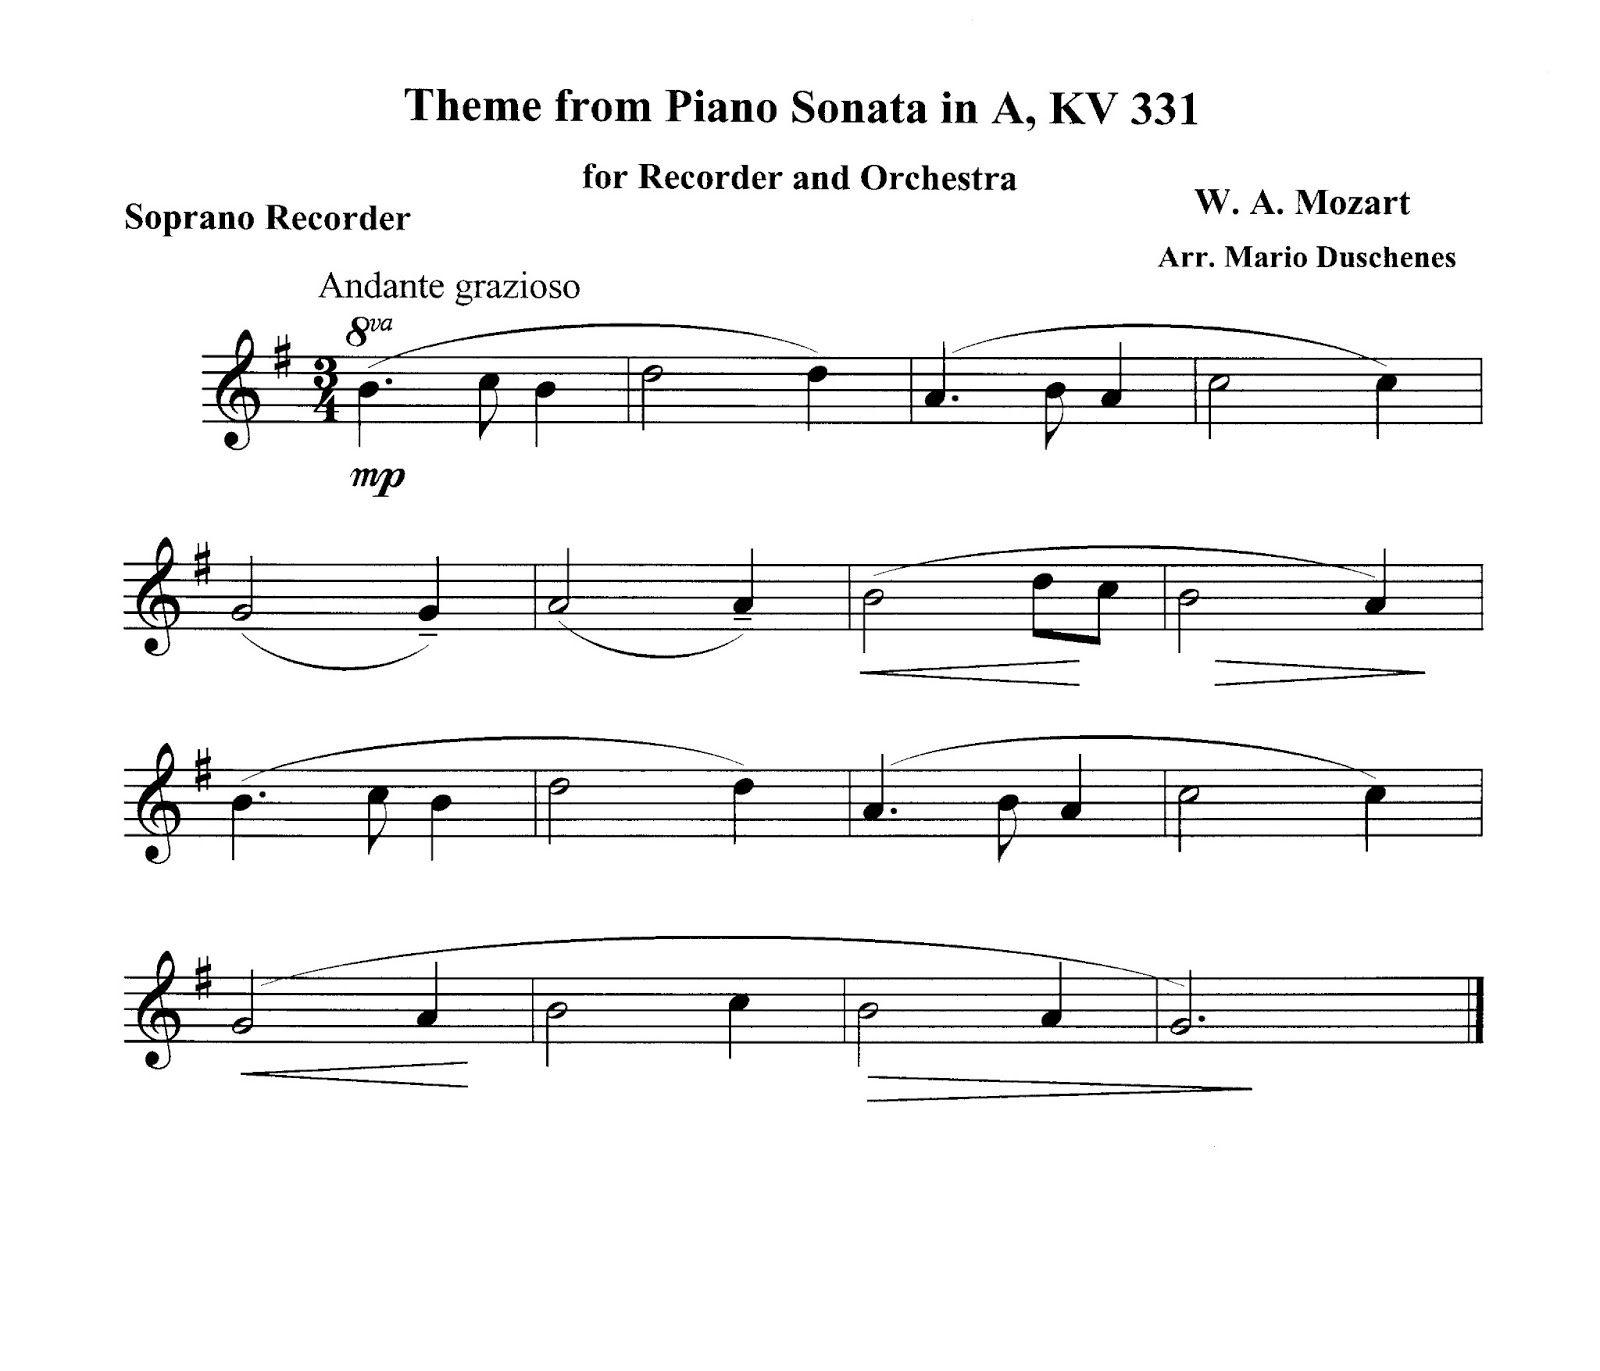 mozart tocando el piano para colorear - Buscar con Google | mozart ...